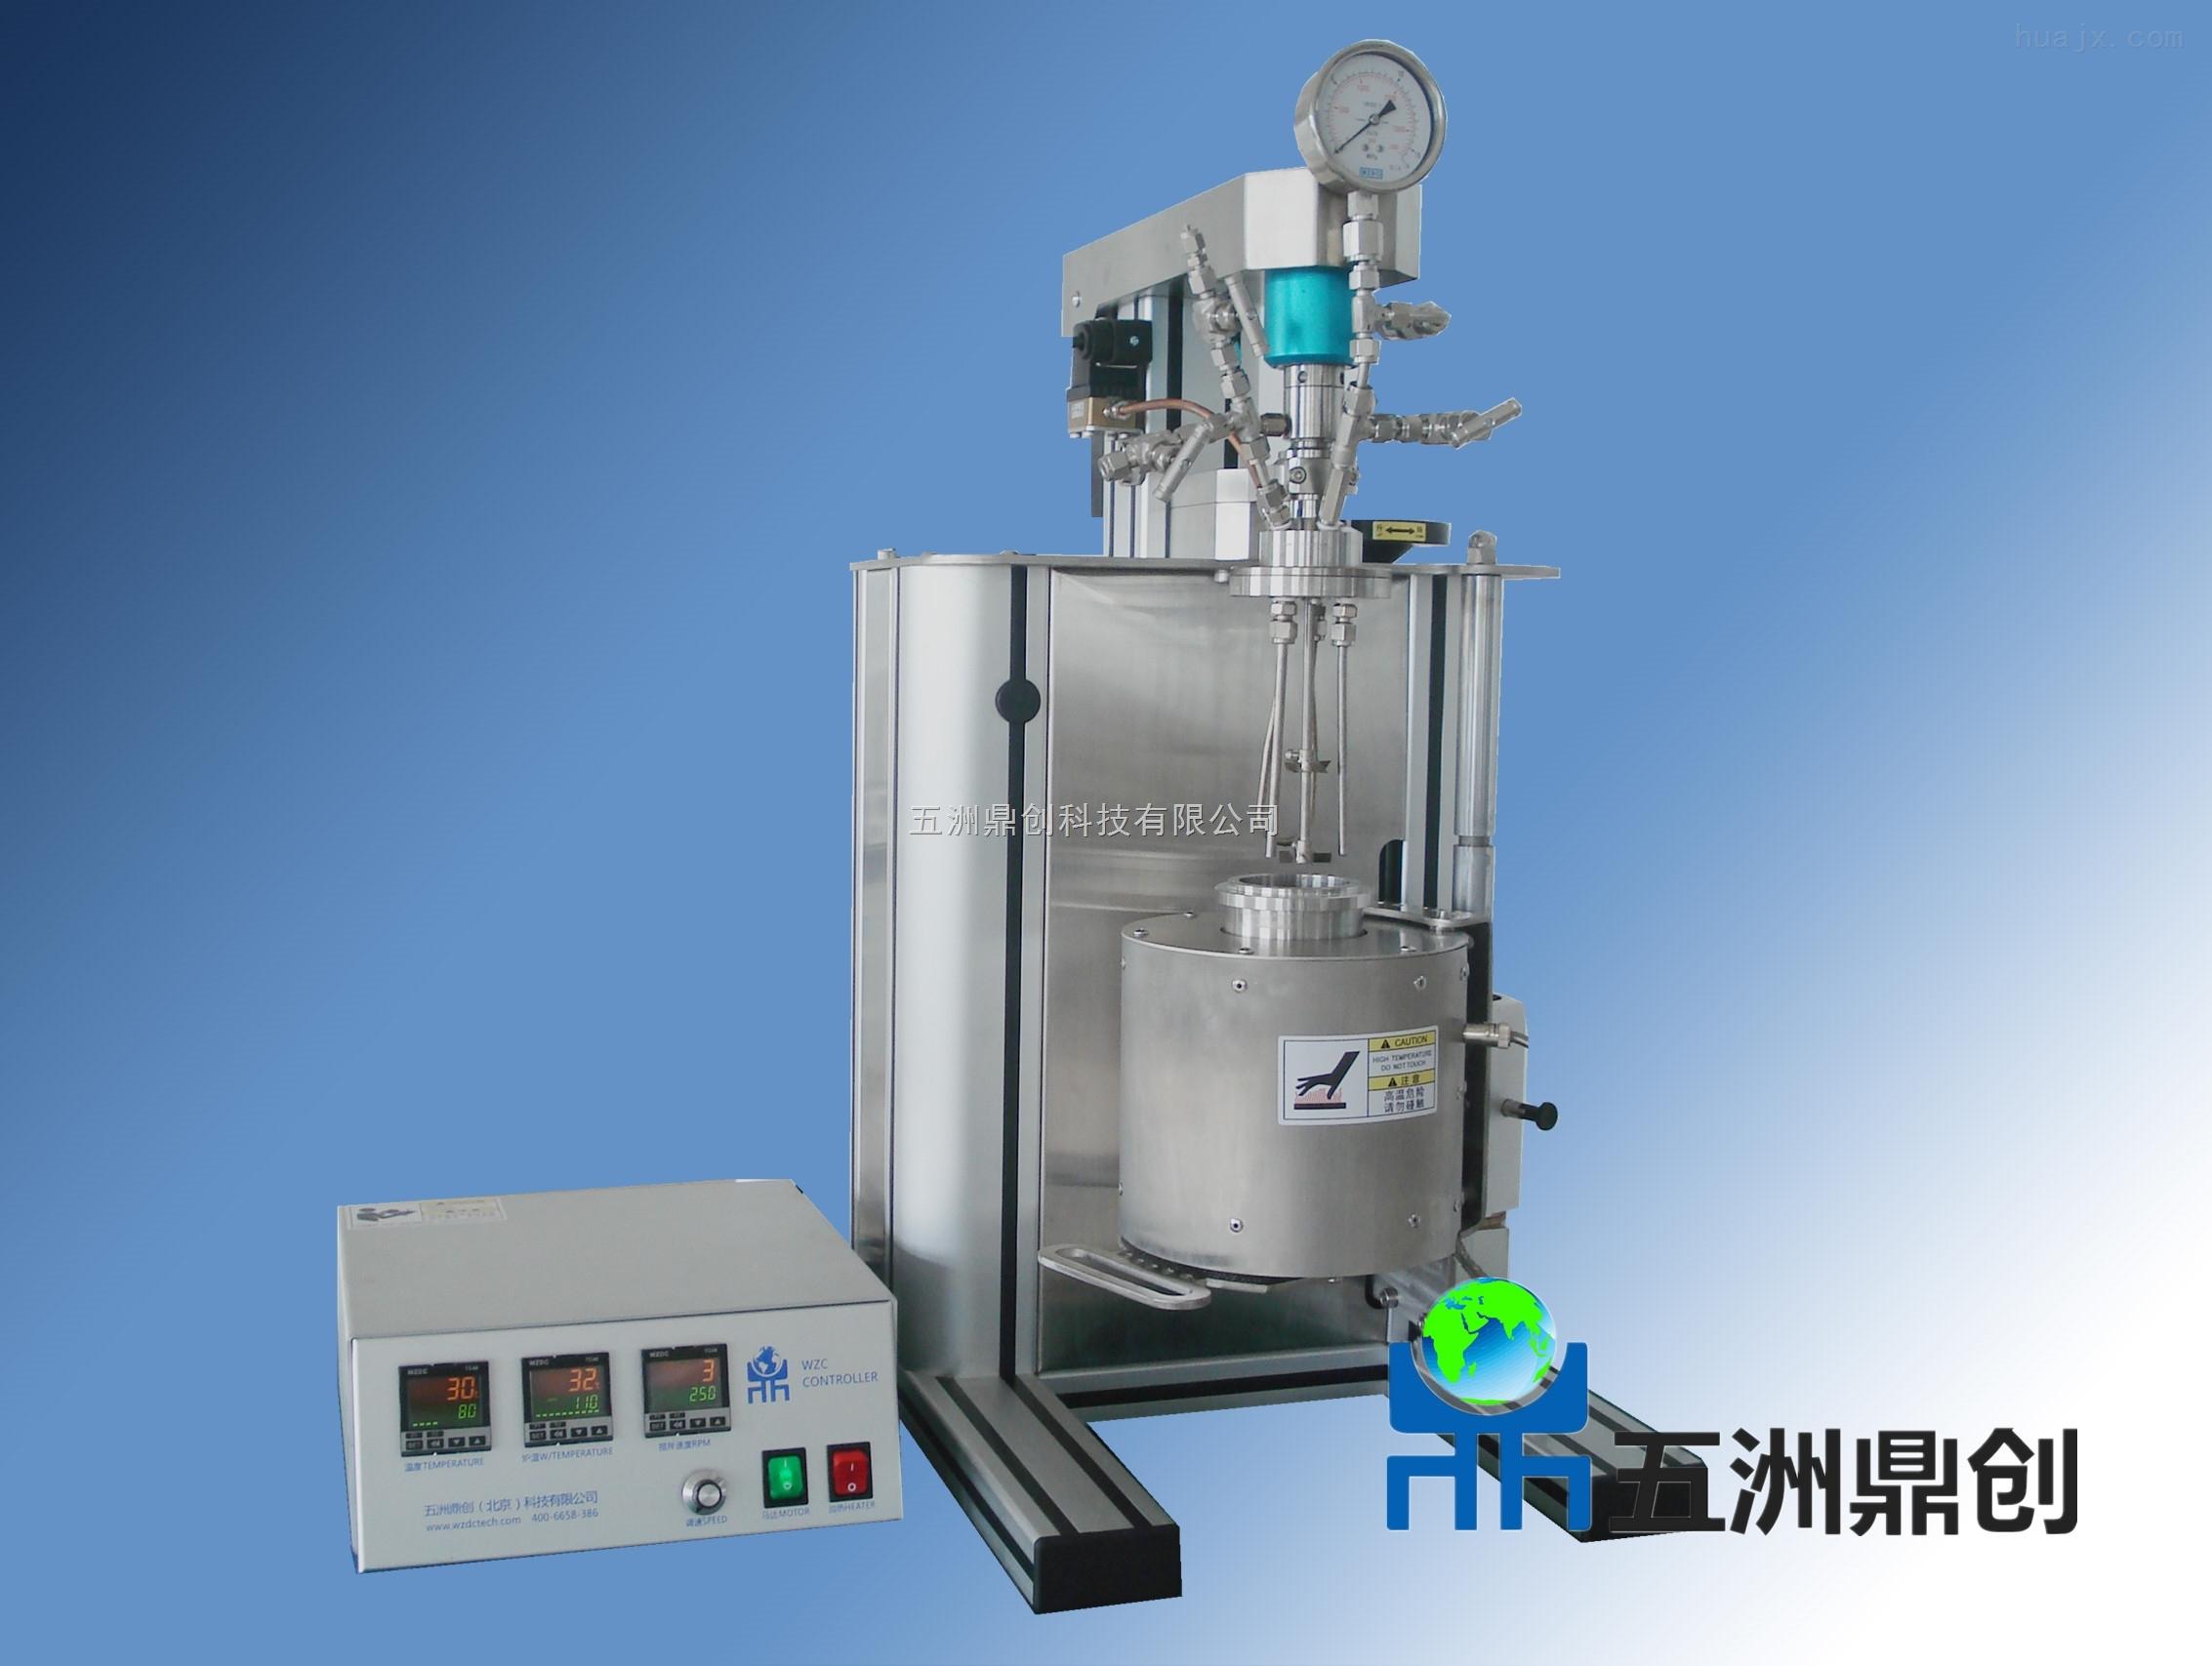 北京实验室 - WZ型机械磁力搅拌反应釜